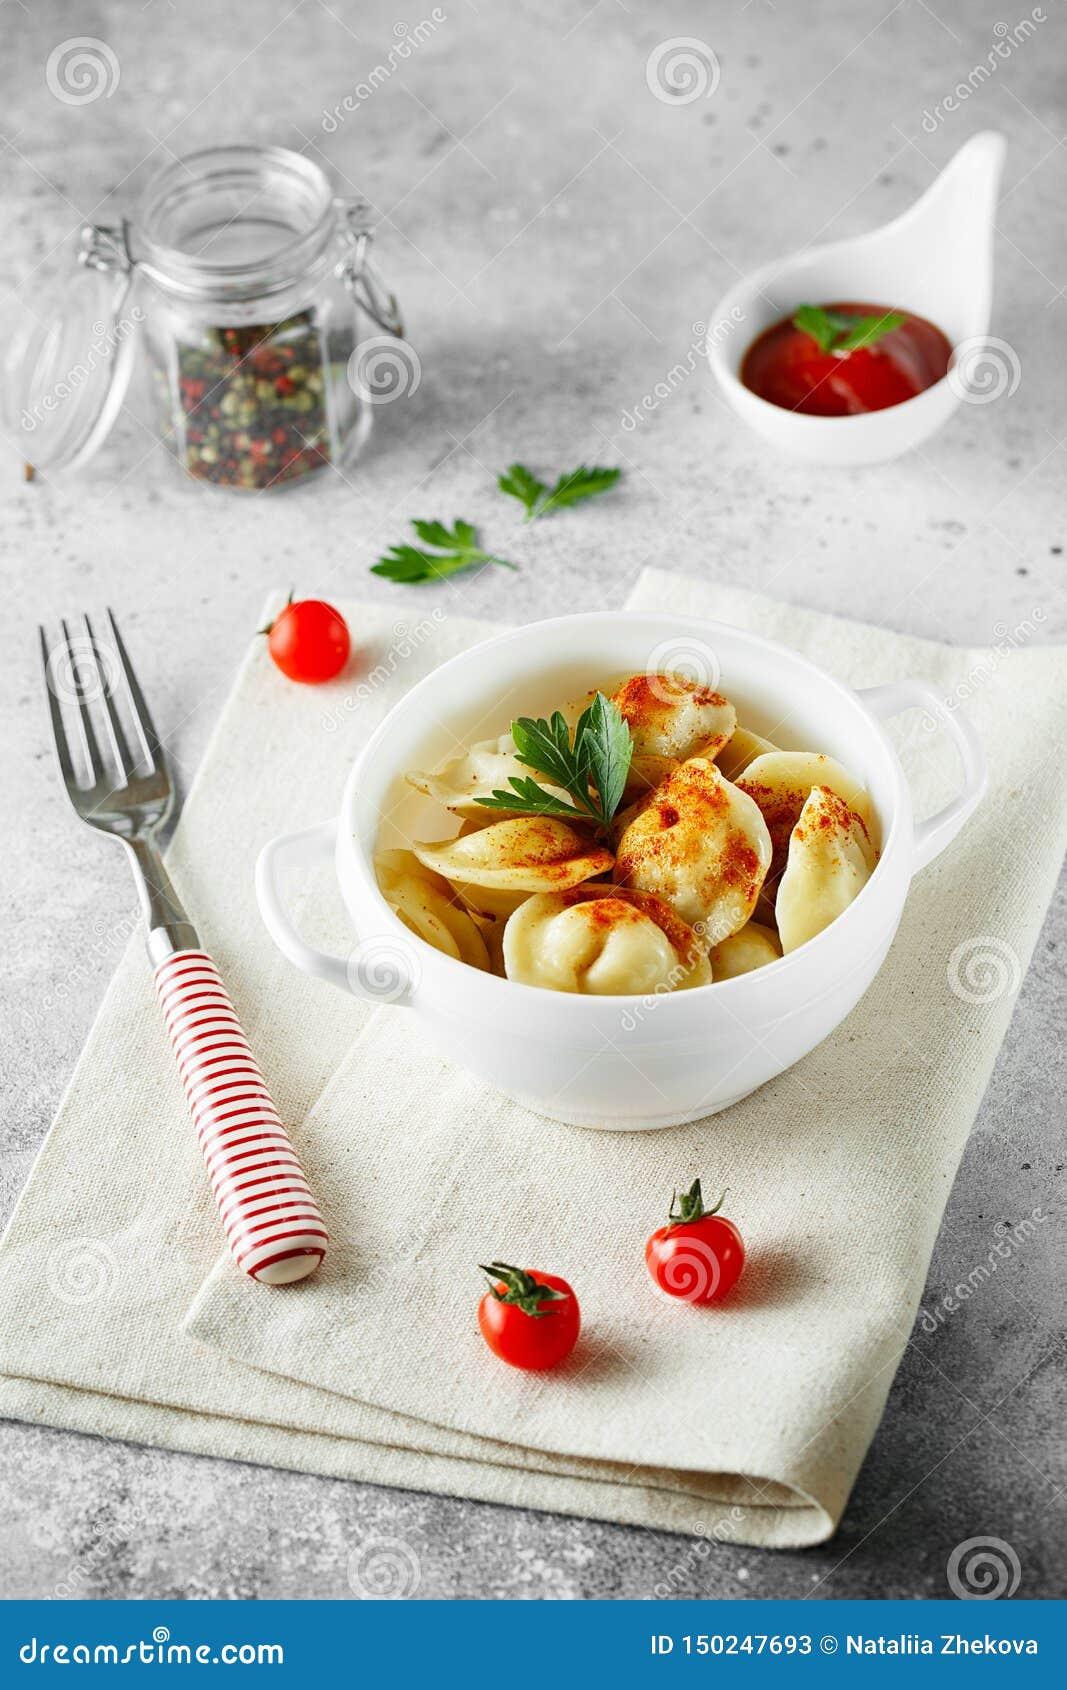 Vleesbollen - Russische pelmeni, ravioli met vlees op een witte kom